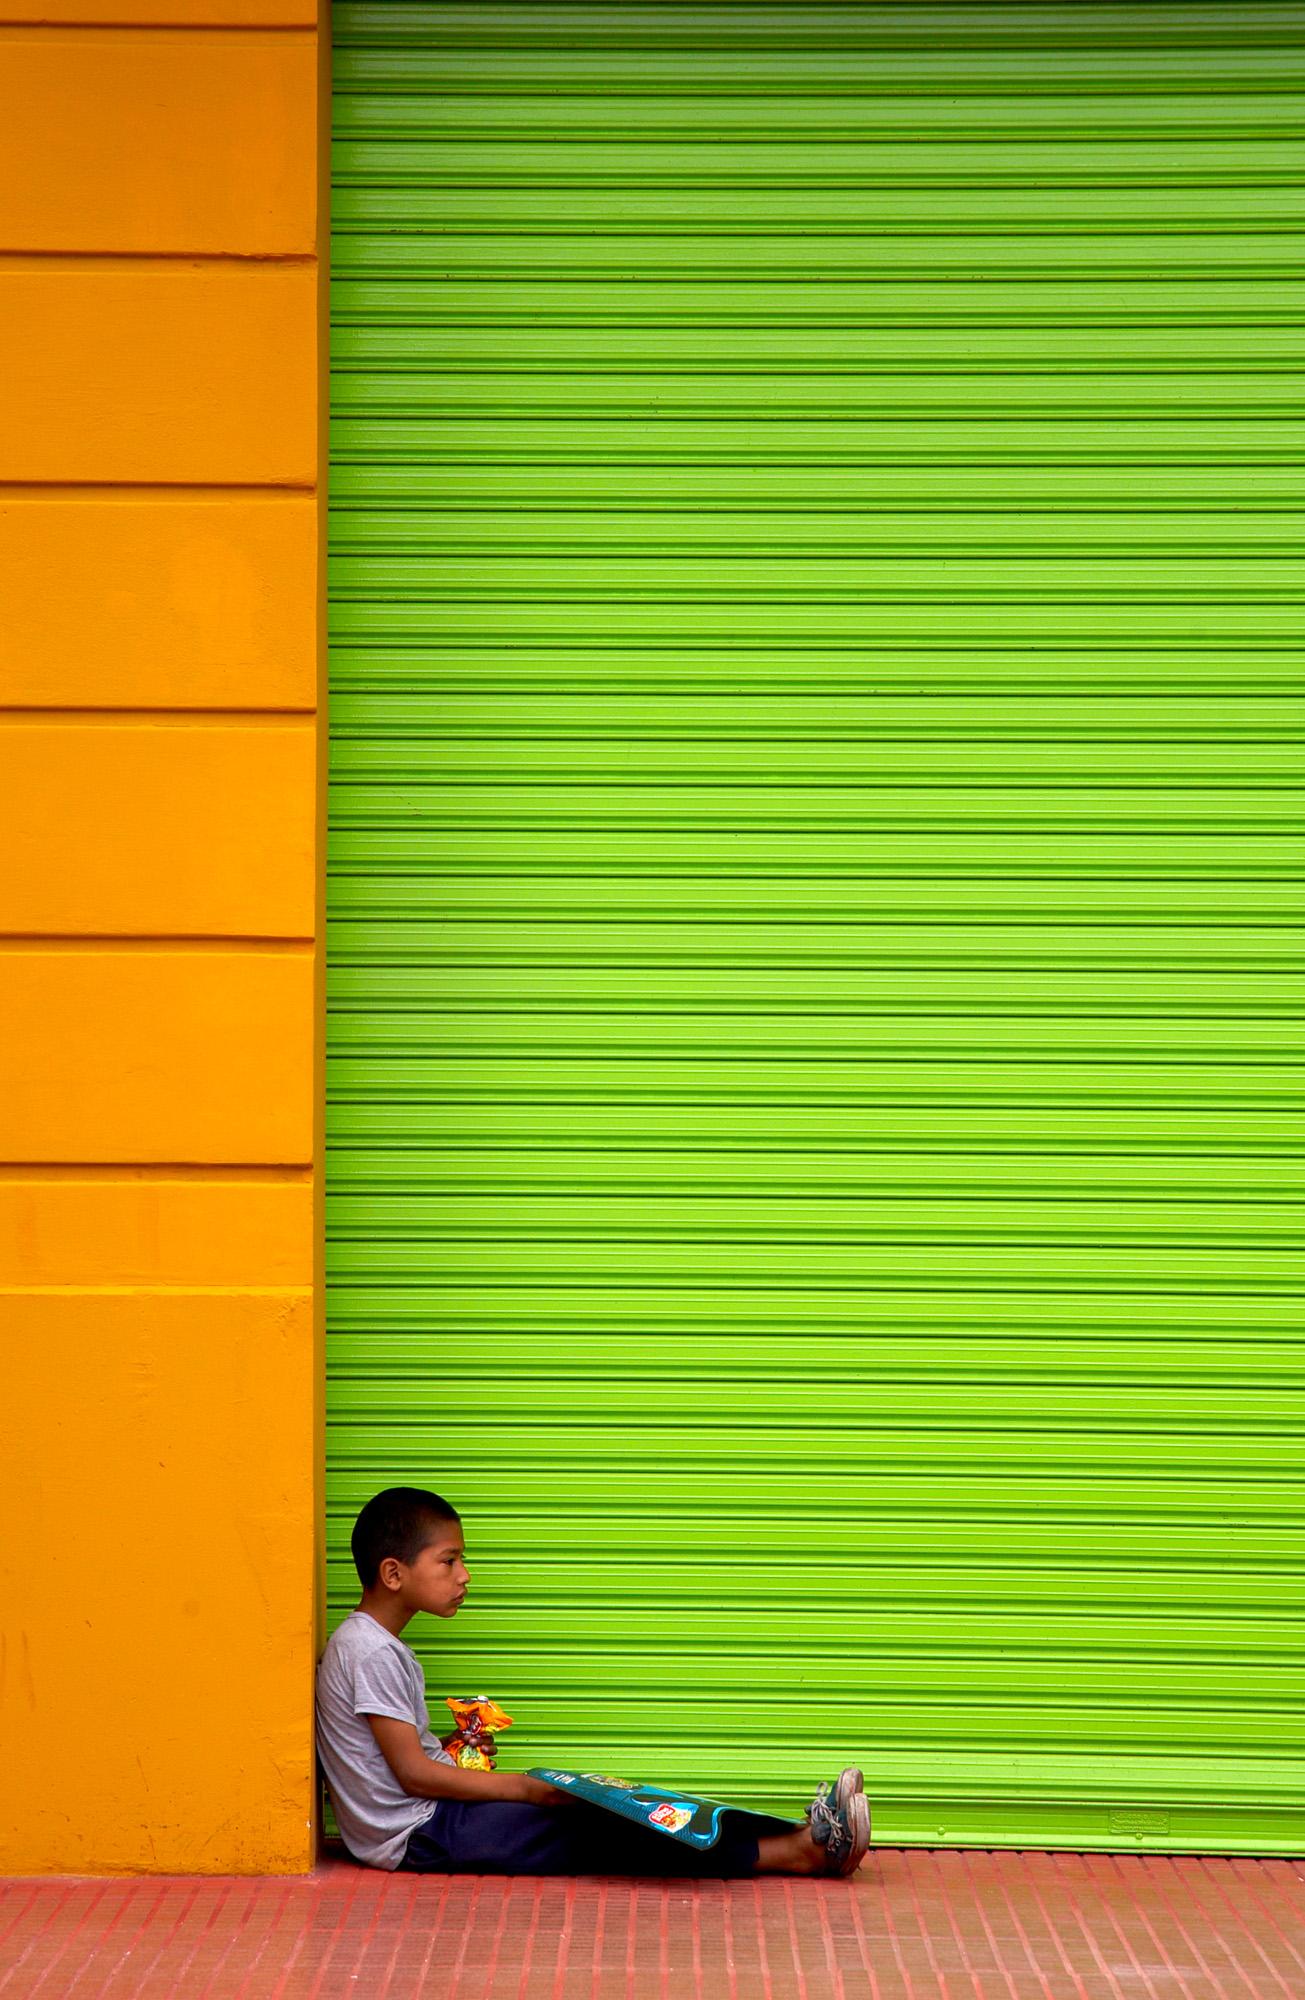 Boy In The Doorway